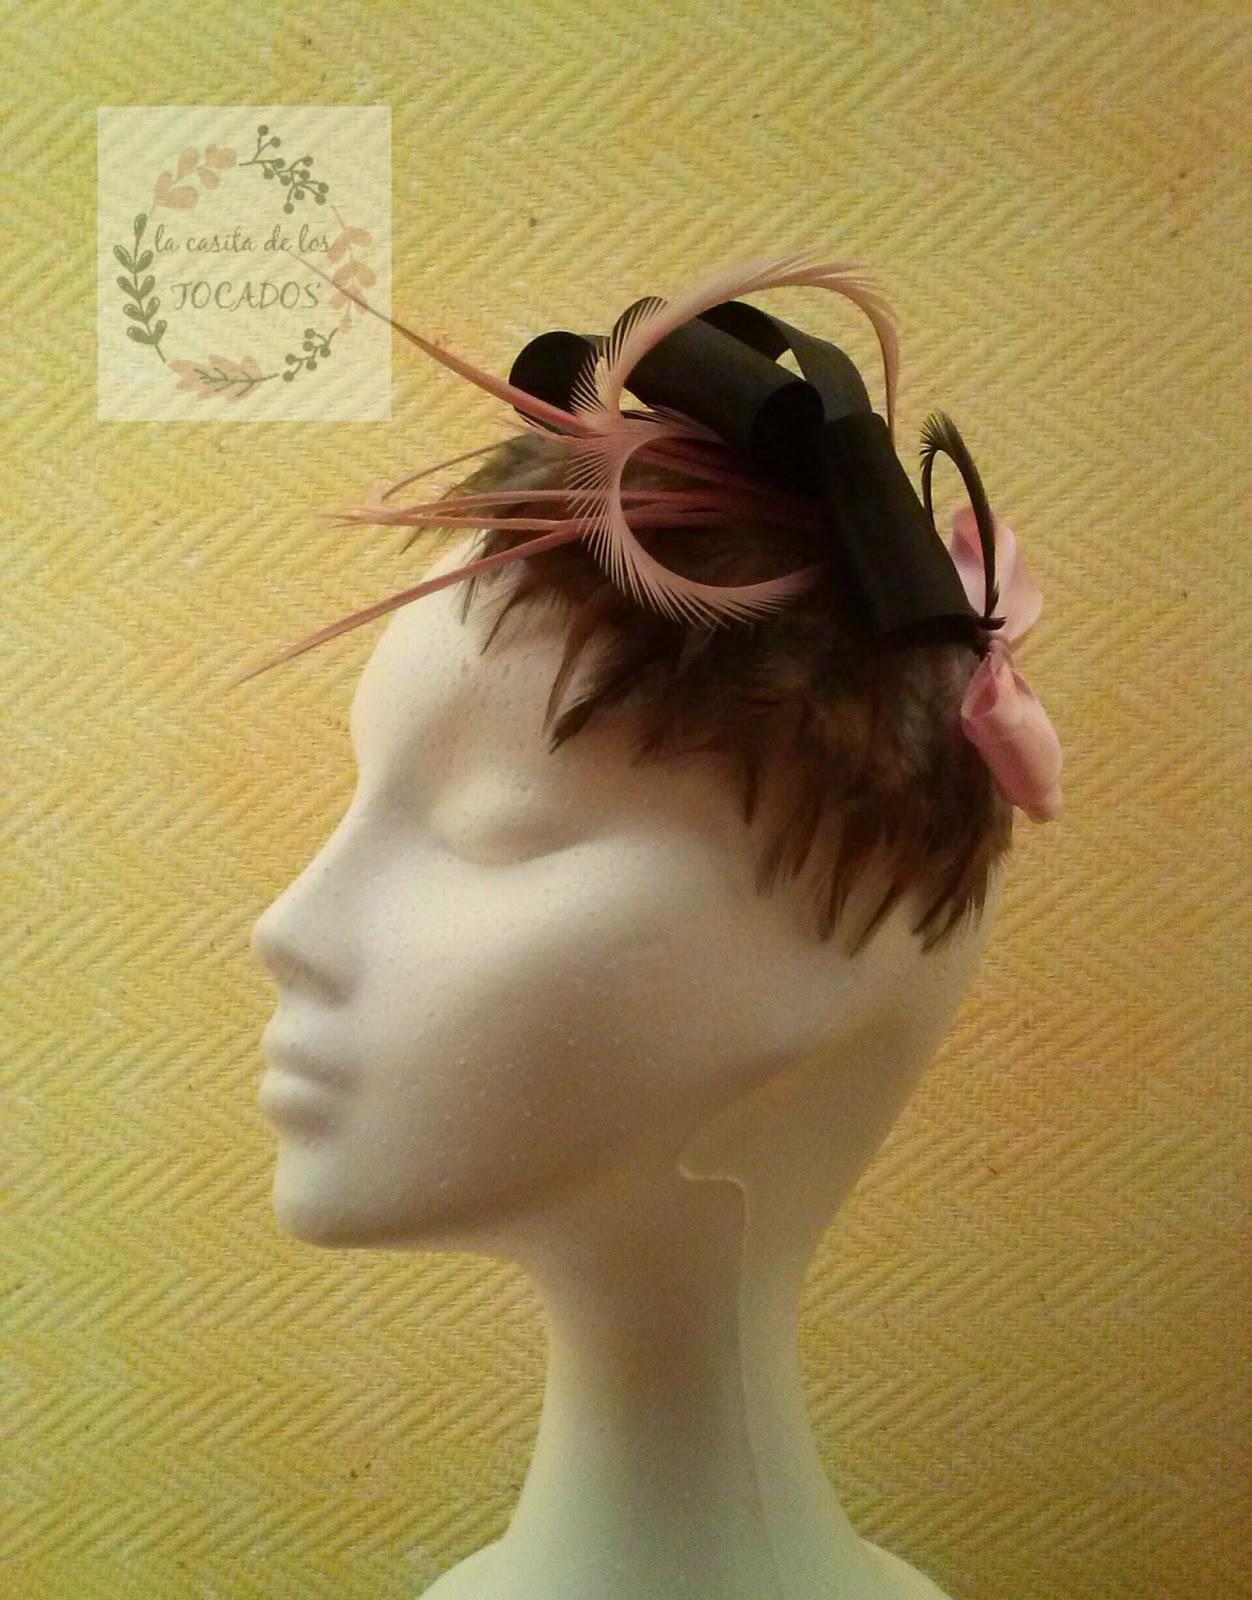 tocado de lágrima con plumas y adornos de raso en marrón y rosa para boda o evento de fiesta